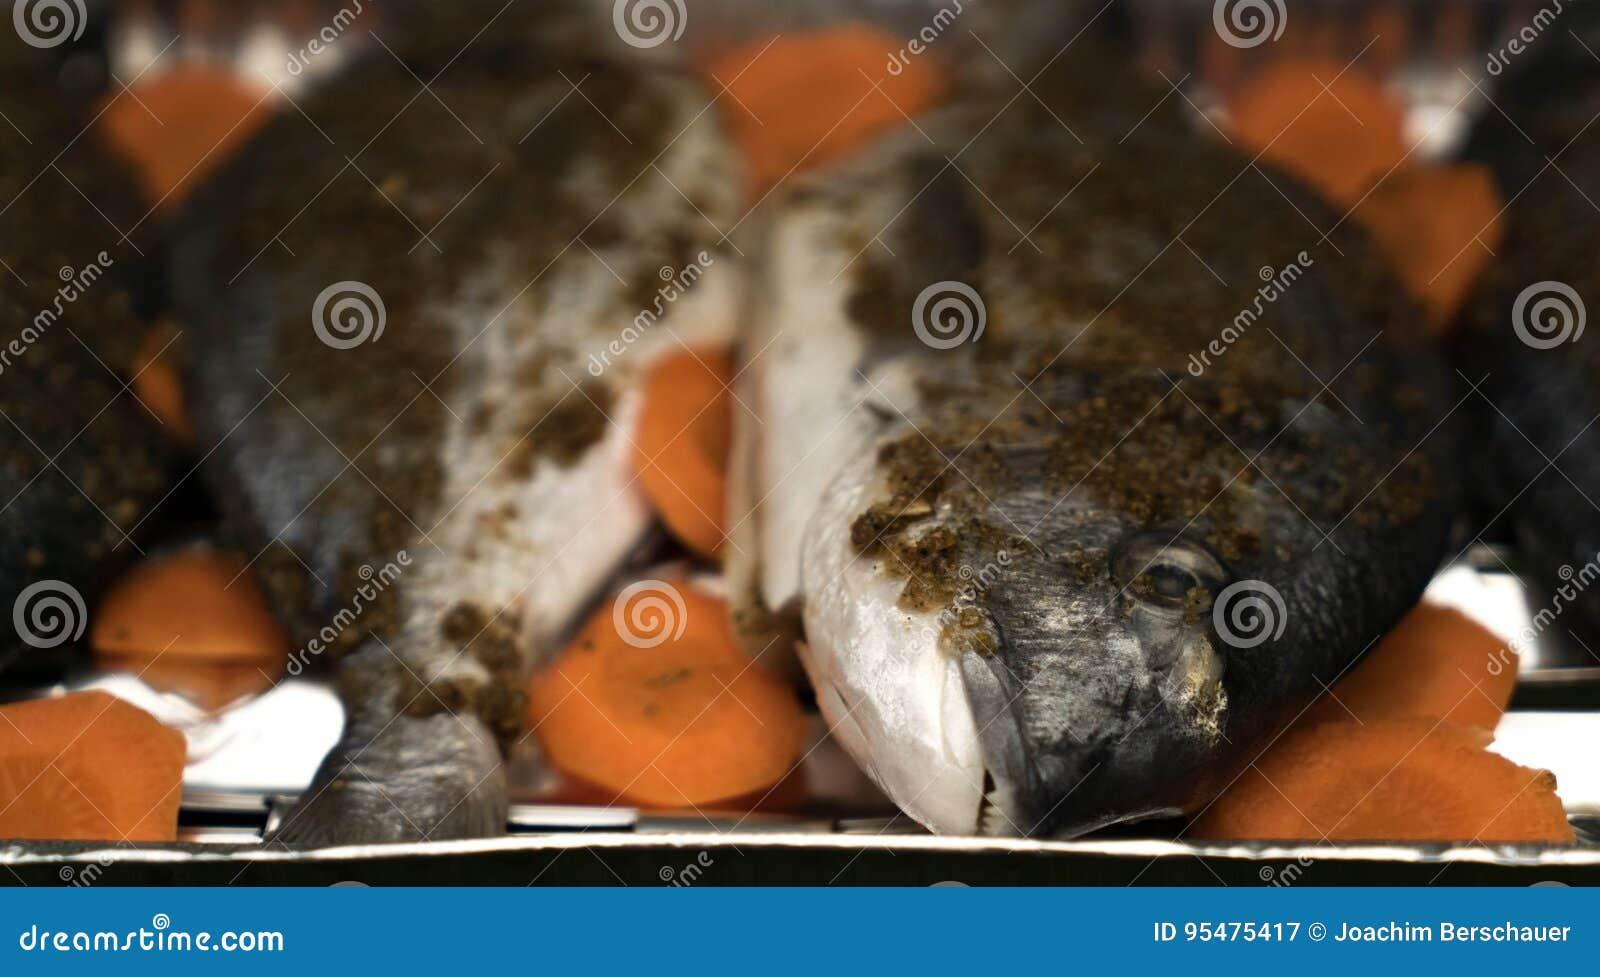 Zakończenie Dorado z pikantność marchewkami przed grillem